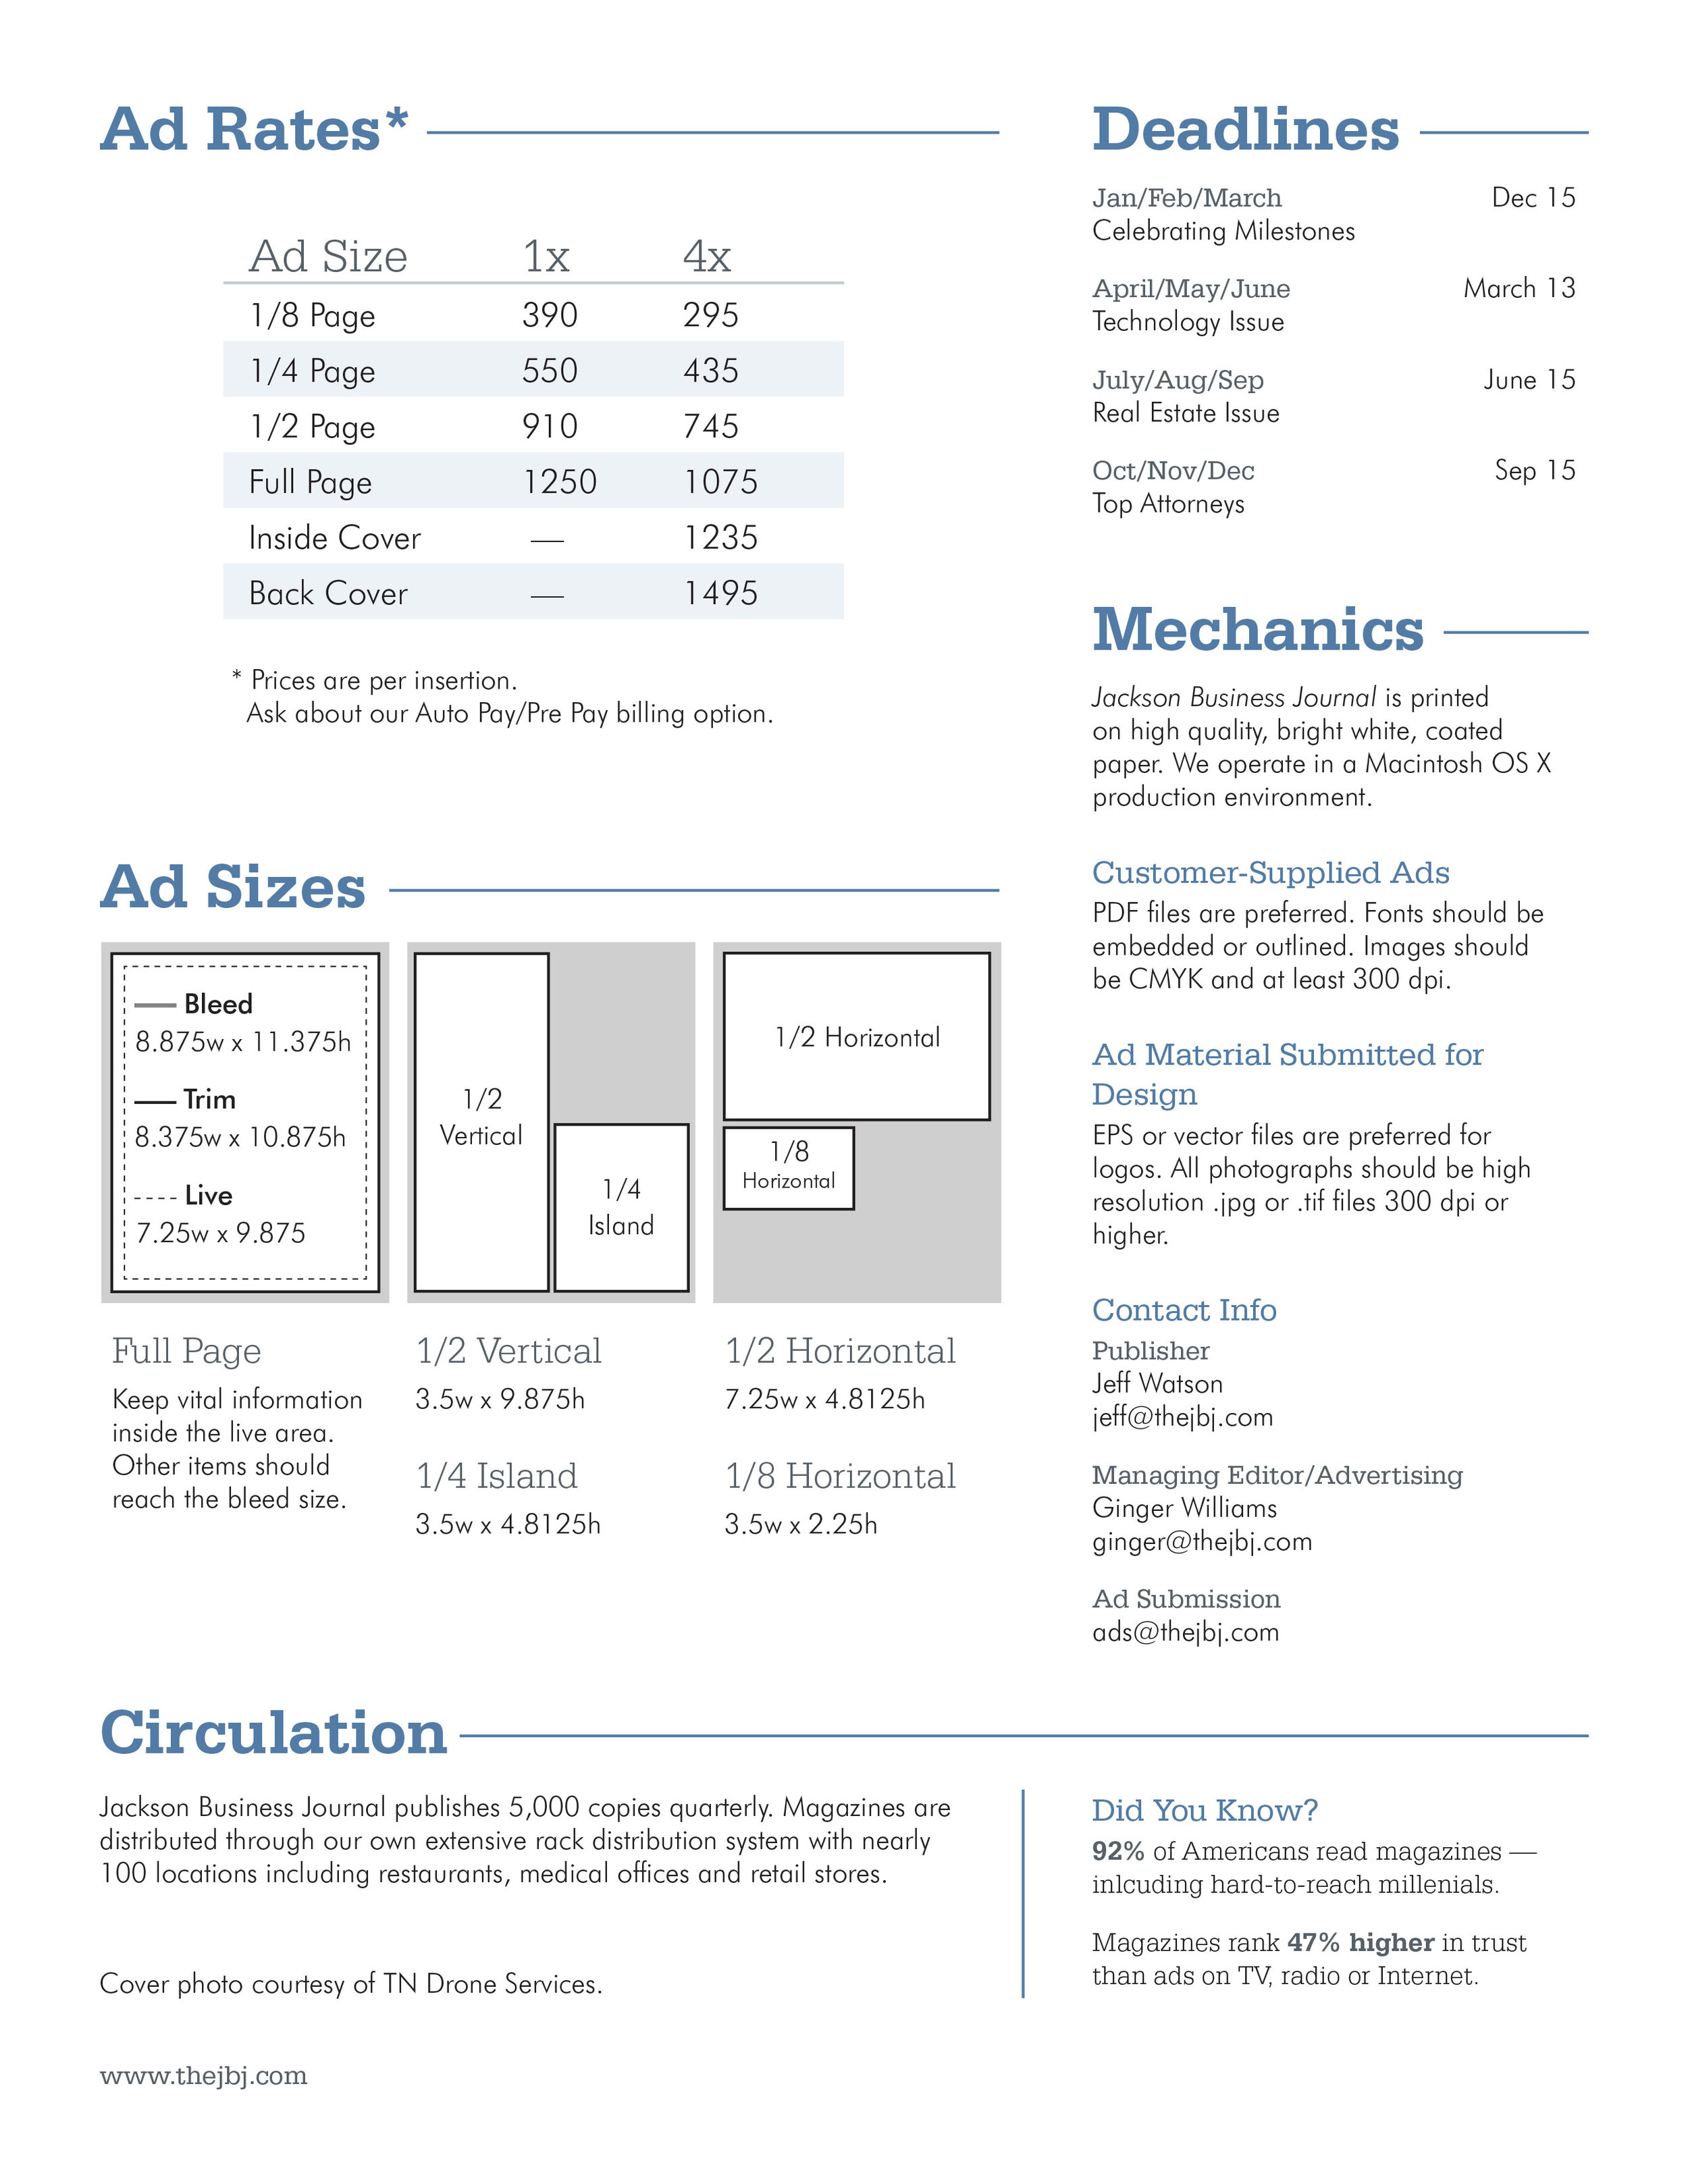 JBJ Media Kit 2018.jpg